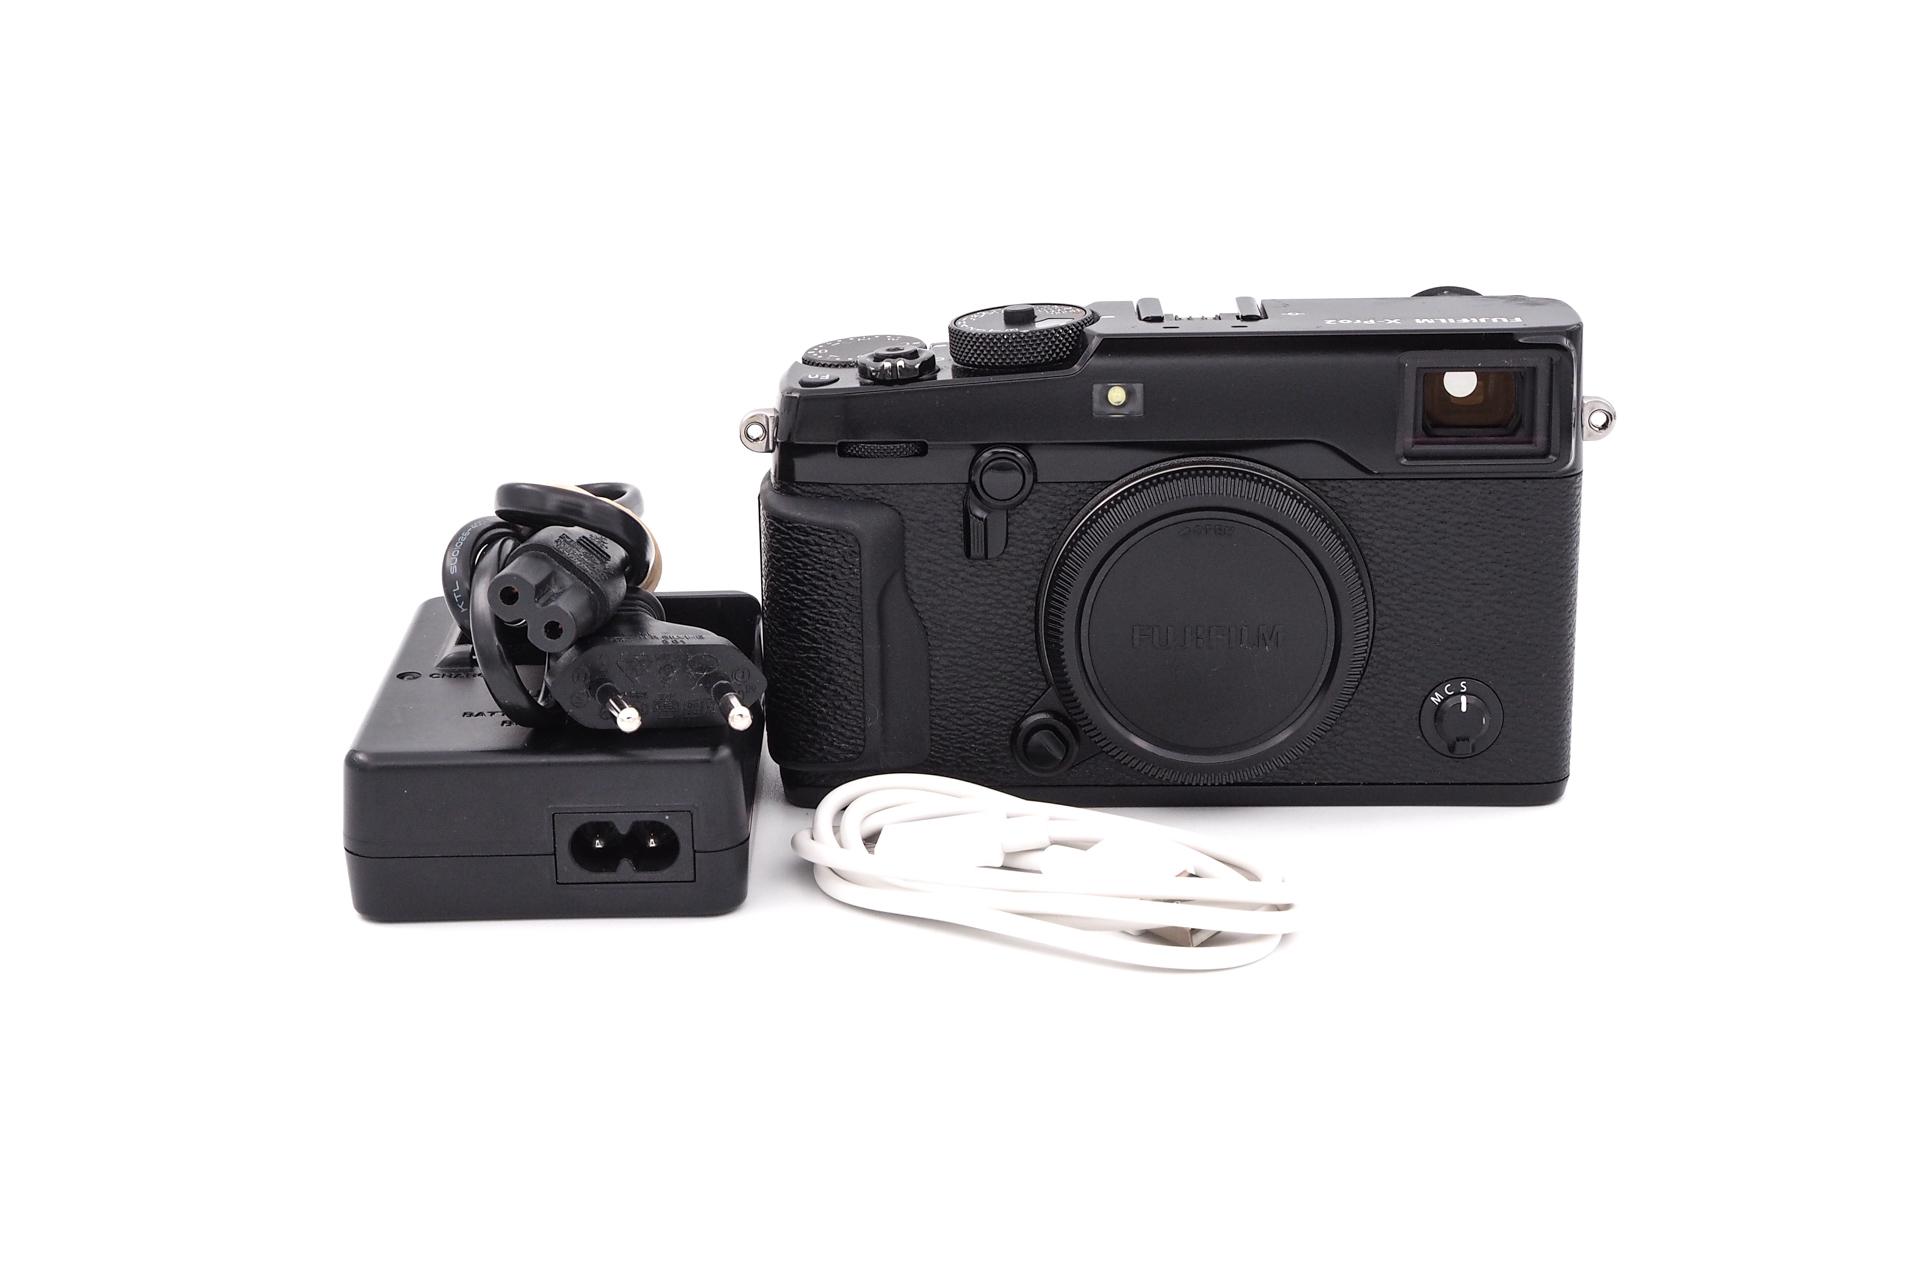 Fujifilm X-Pro 2 black